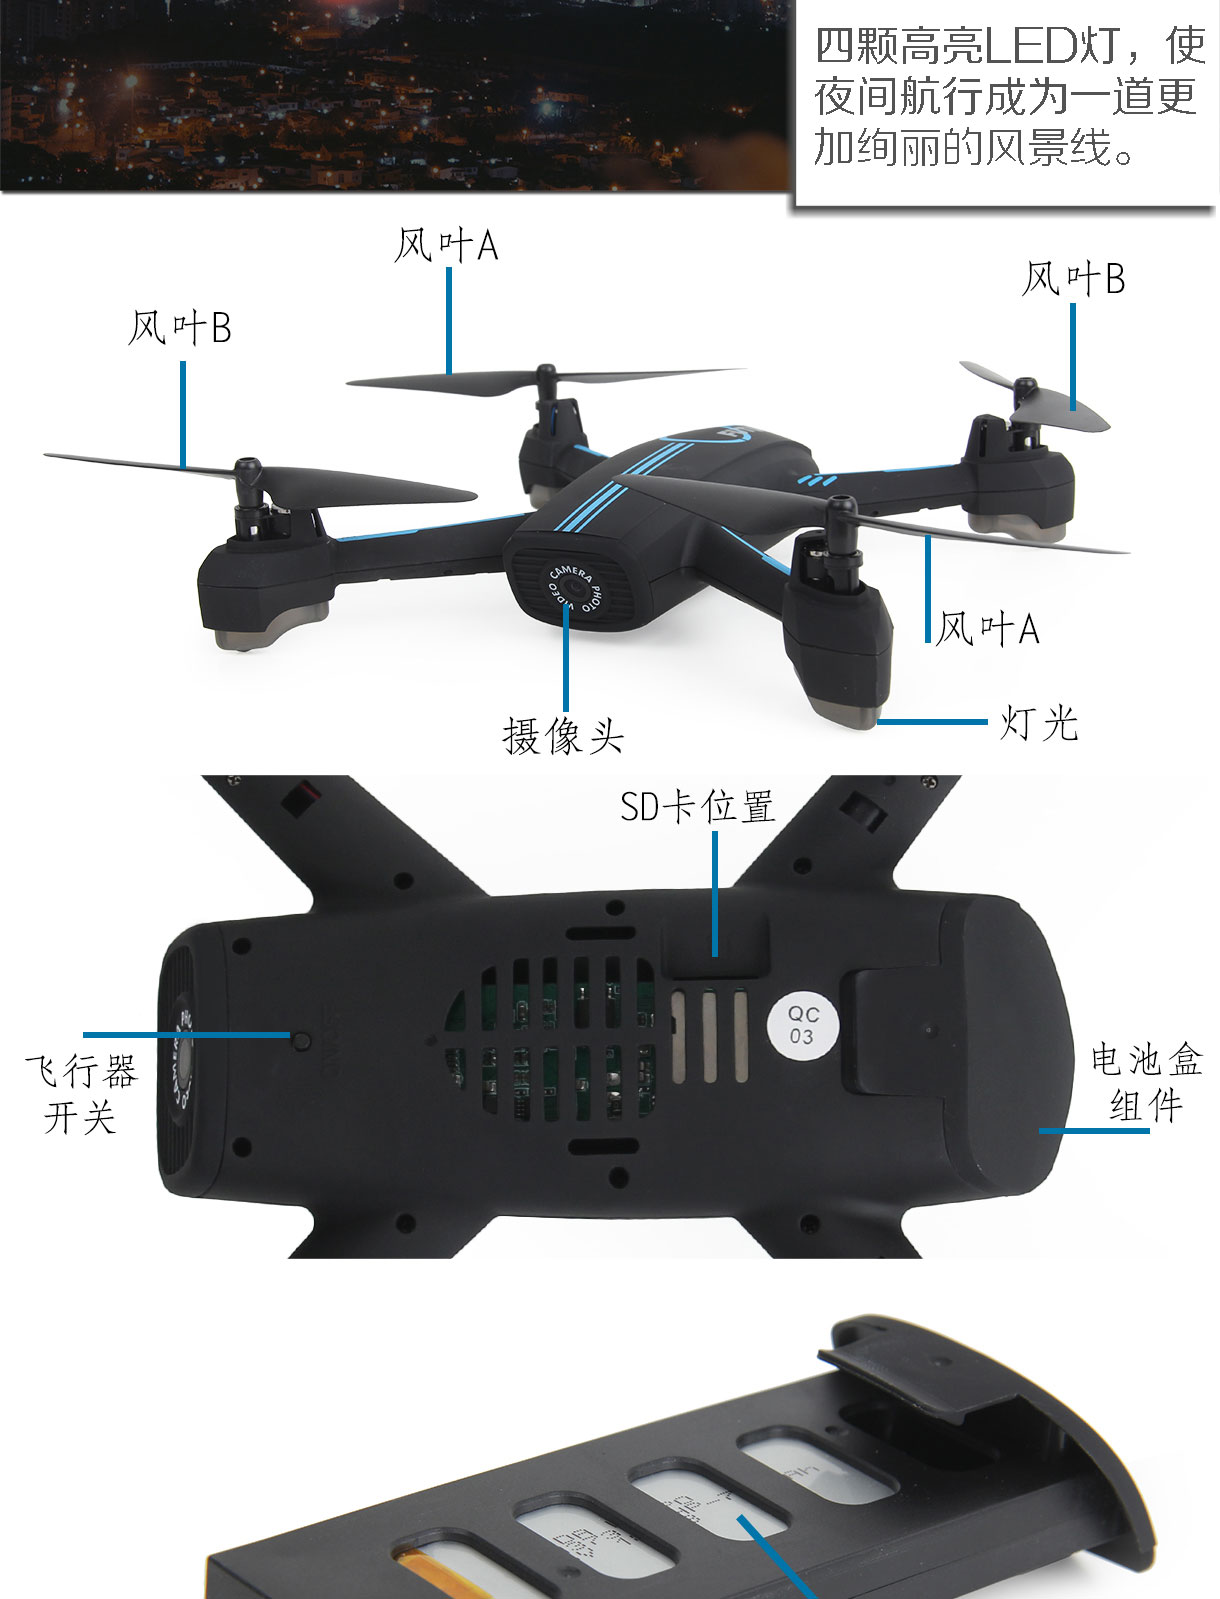 WIFI FPV RC Drone GPS Mining Punto Drone 528 RC Quadcopter Full HD 720P della Macchina Fotografica di una chiave di prendere off /landing/stop Volo Stabile - 6